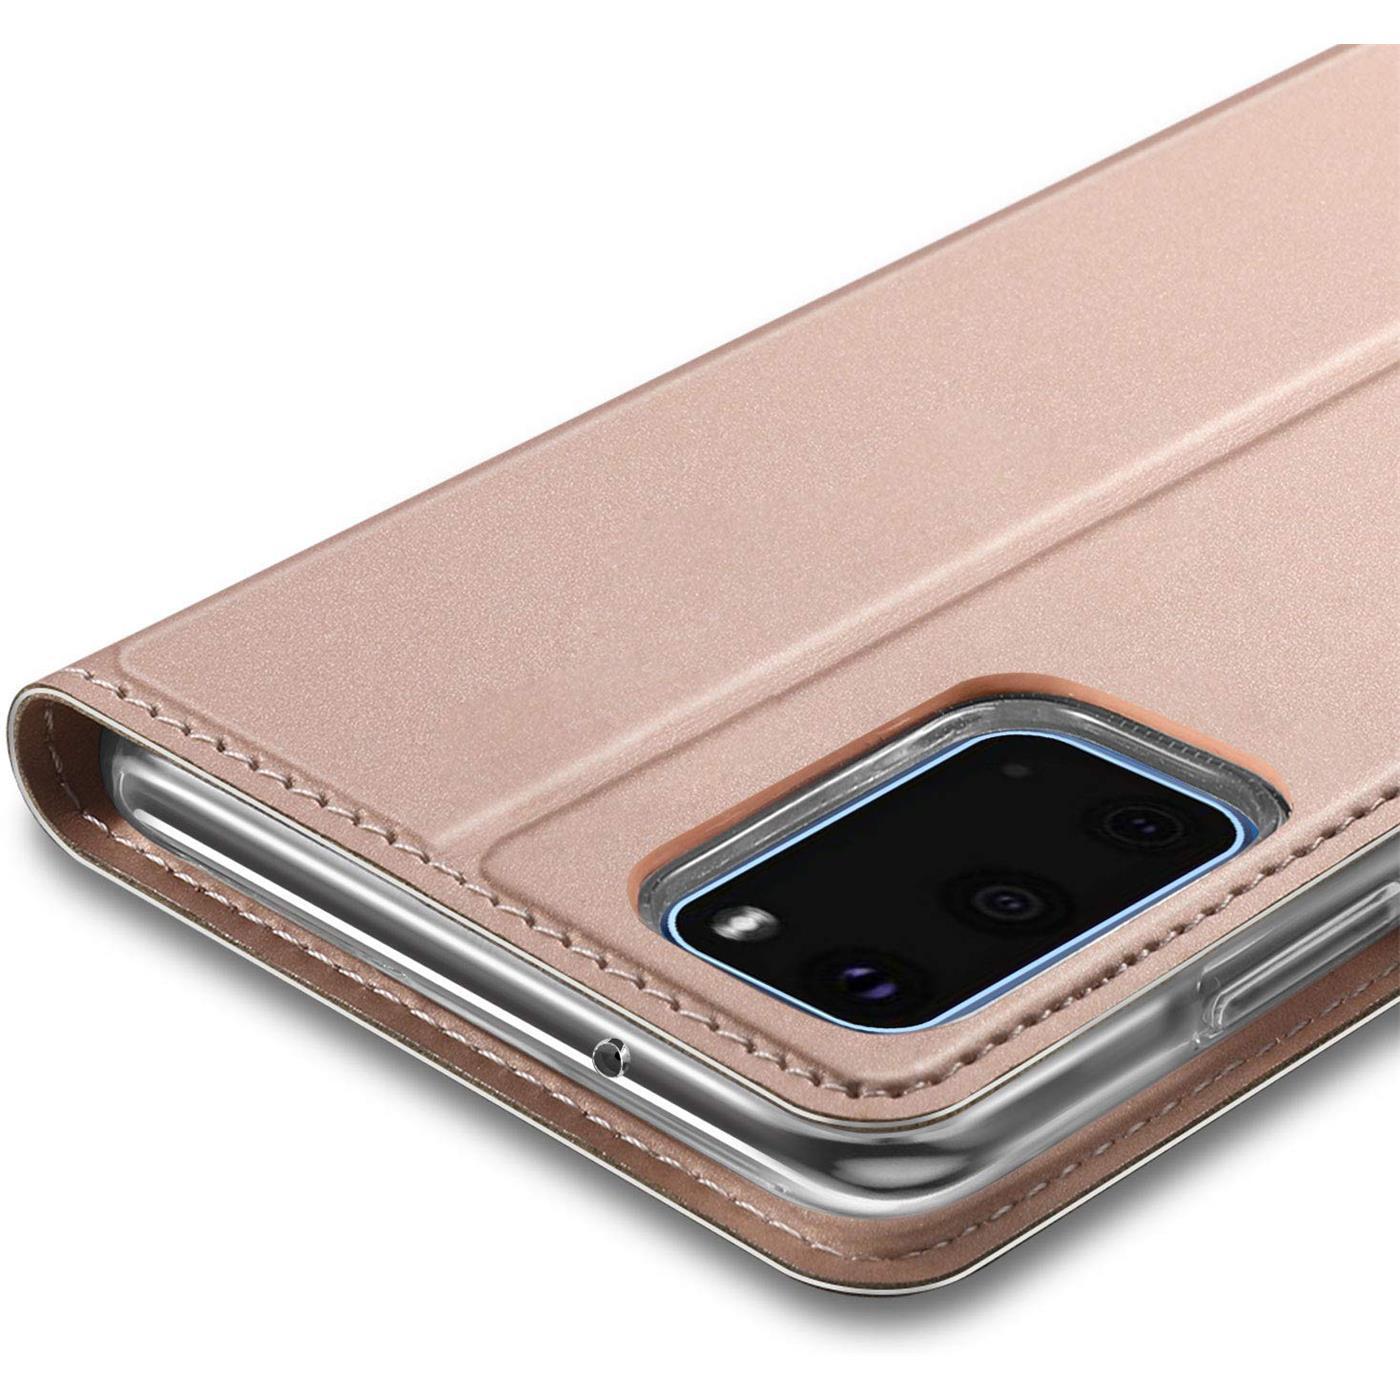 Handy-Huelle-Samsung-Galaxy-A51-Book-Case-Schutzhuelle-Tasche-Slim-Flip-Cover-Etui Indexbild 15